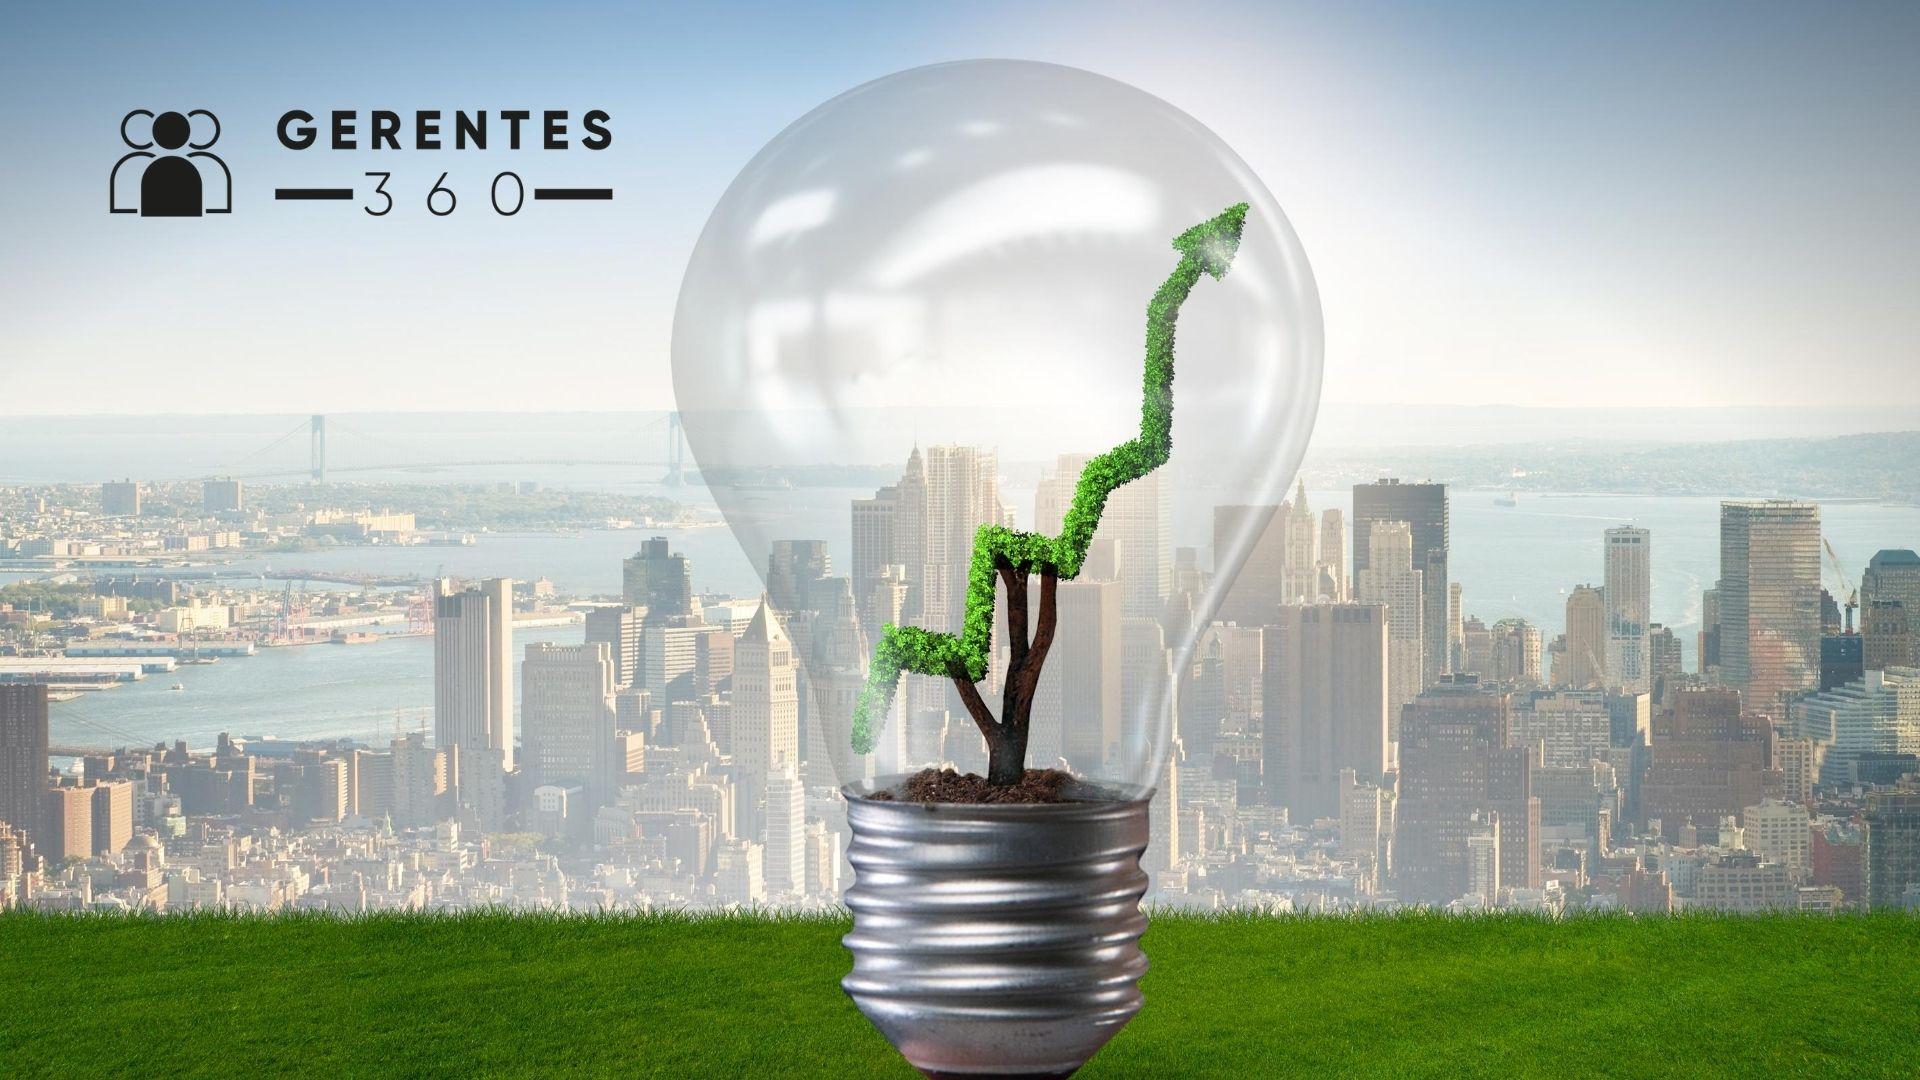 Video Blog Gerentes 360 Episodio # 2 - Agosto 10 de 2020 - Guerras Comerciales, Wi-Fi y Responsabilidad Ambiental Empresarial